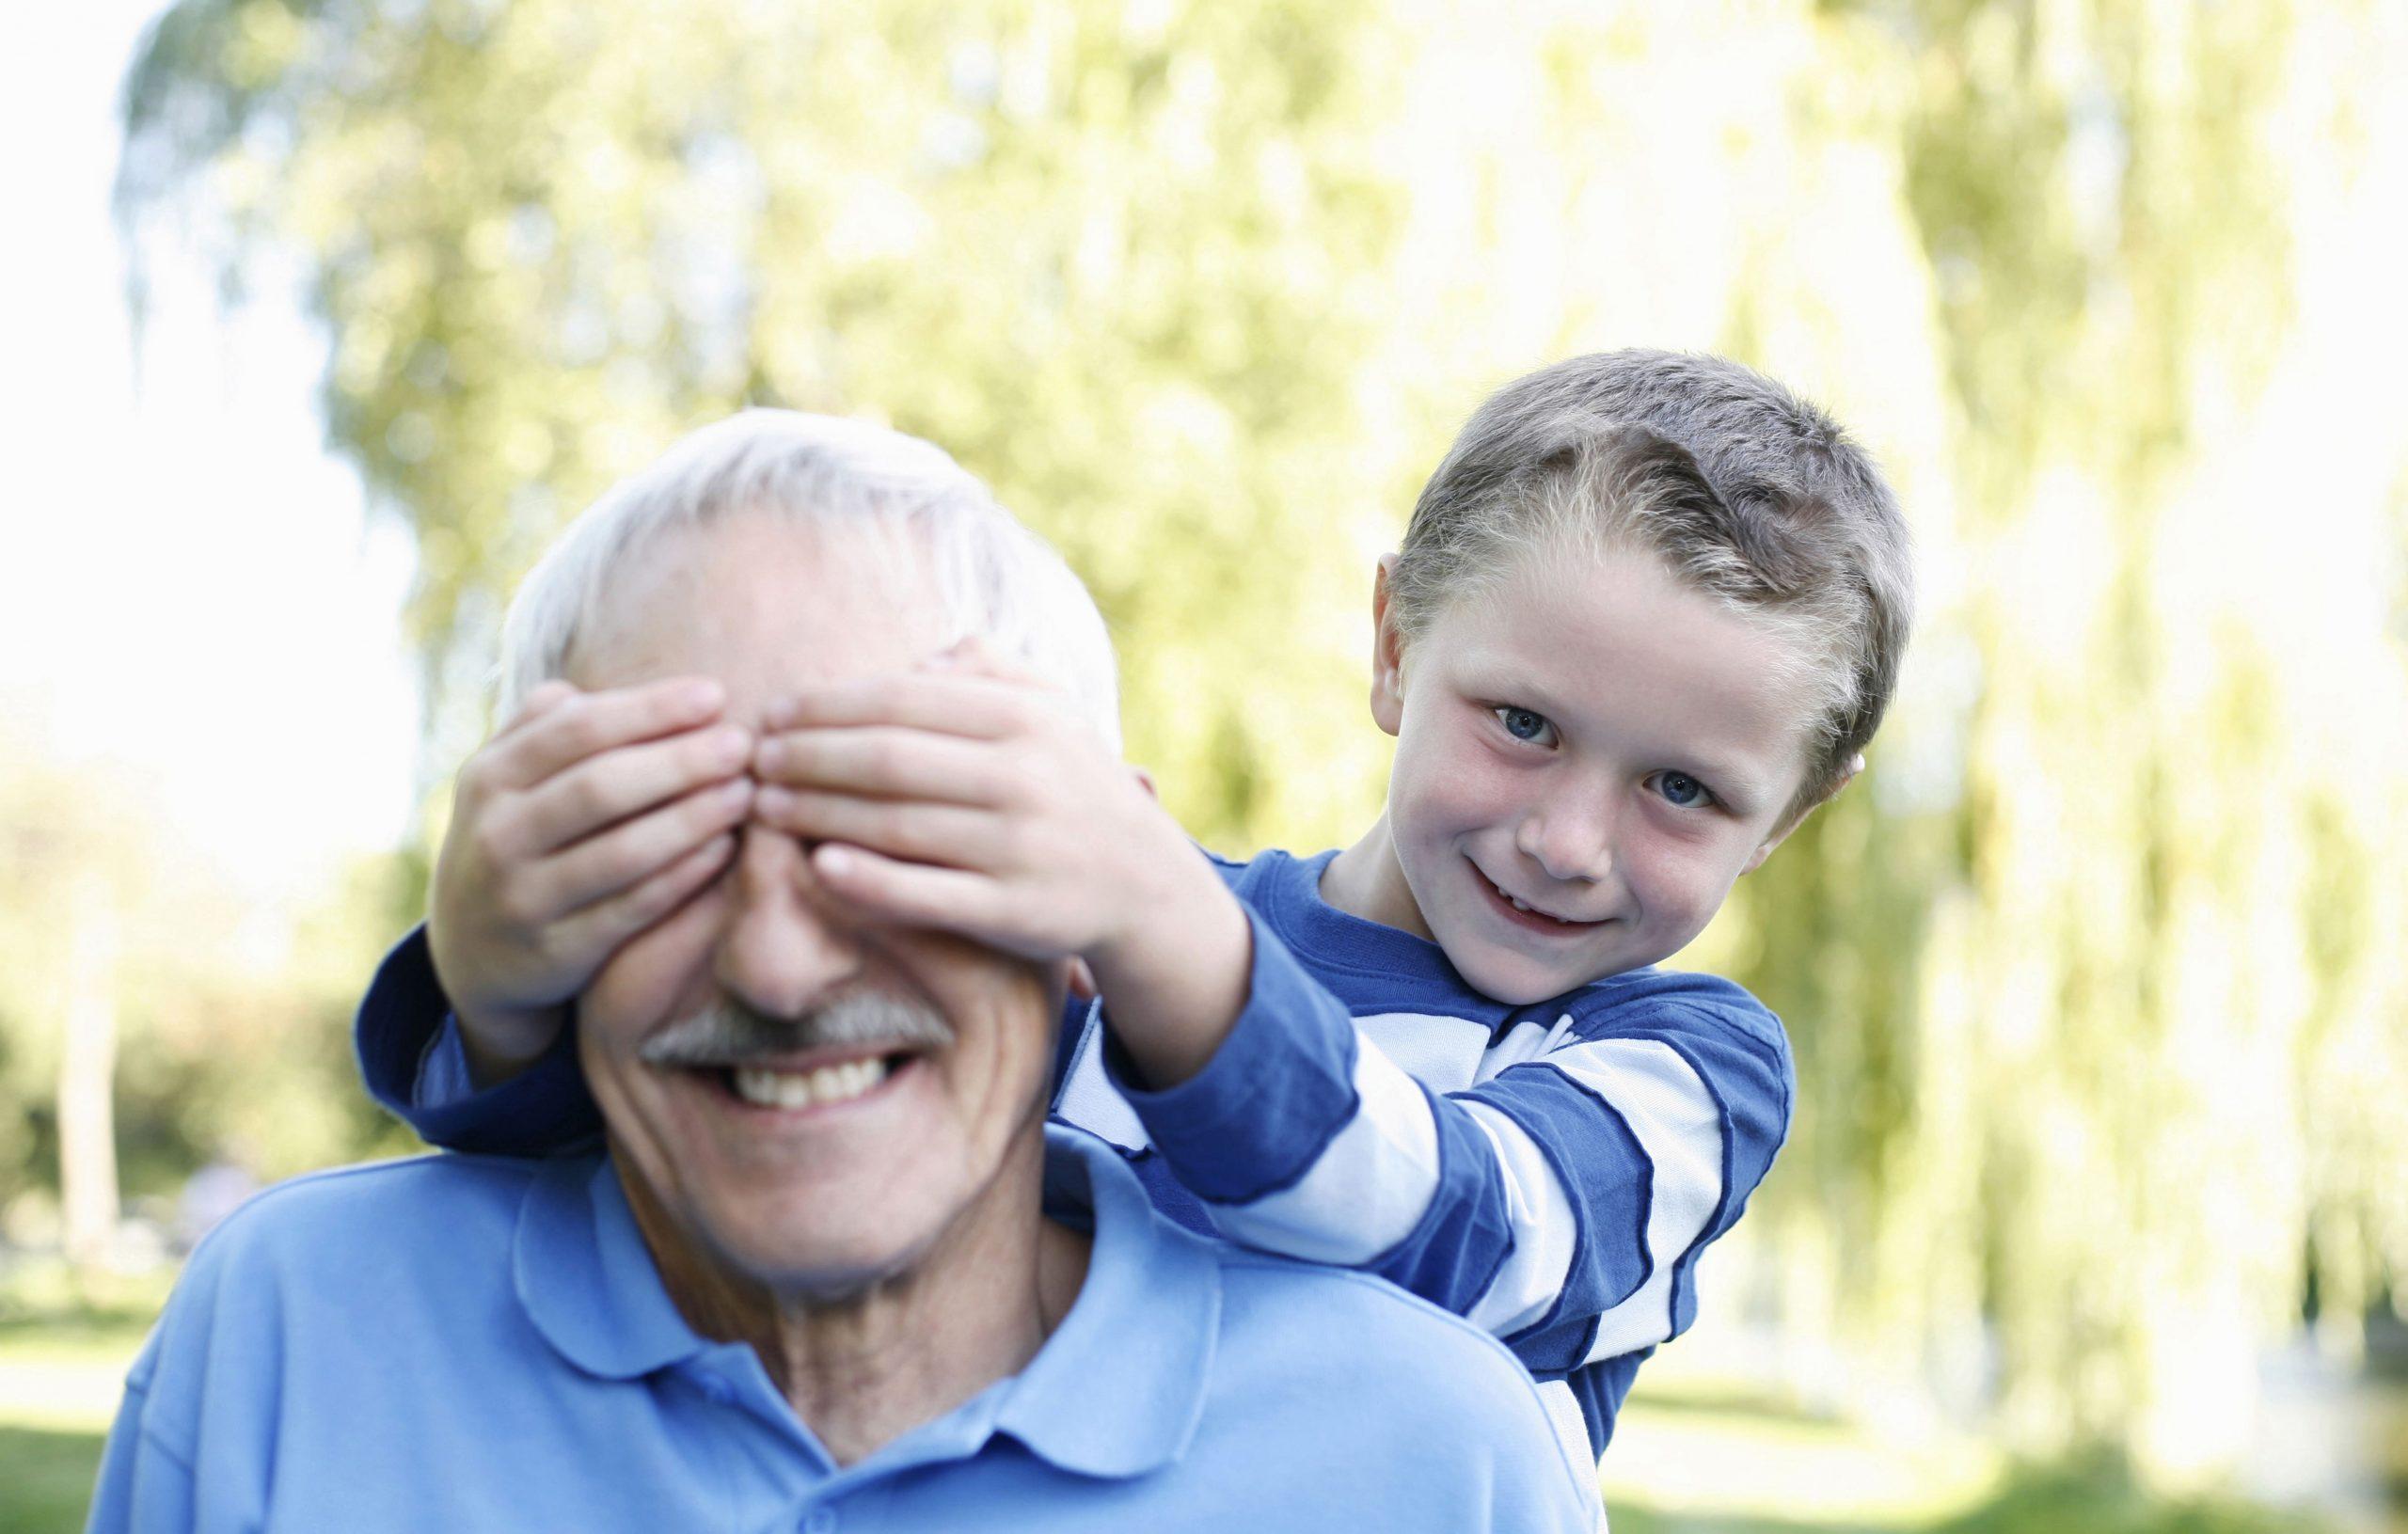 בצל מגפת הקורונה: טיפול סיעודי בקשישים